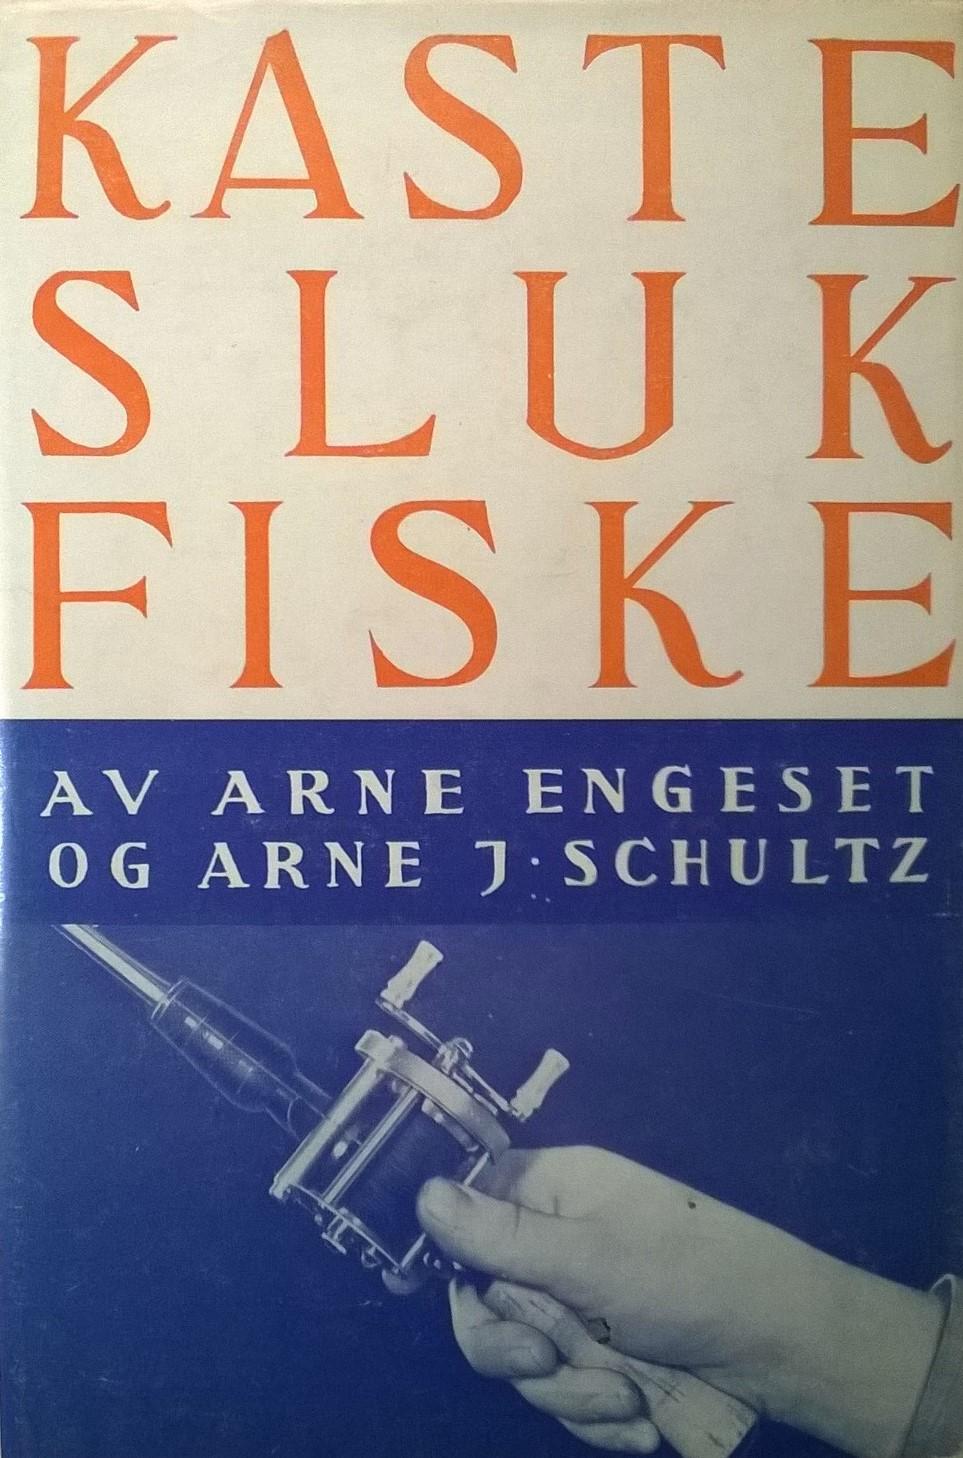 Engeset, Arne og Arne J. Schultz Kasteslukfiske: En kortfattet orientering